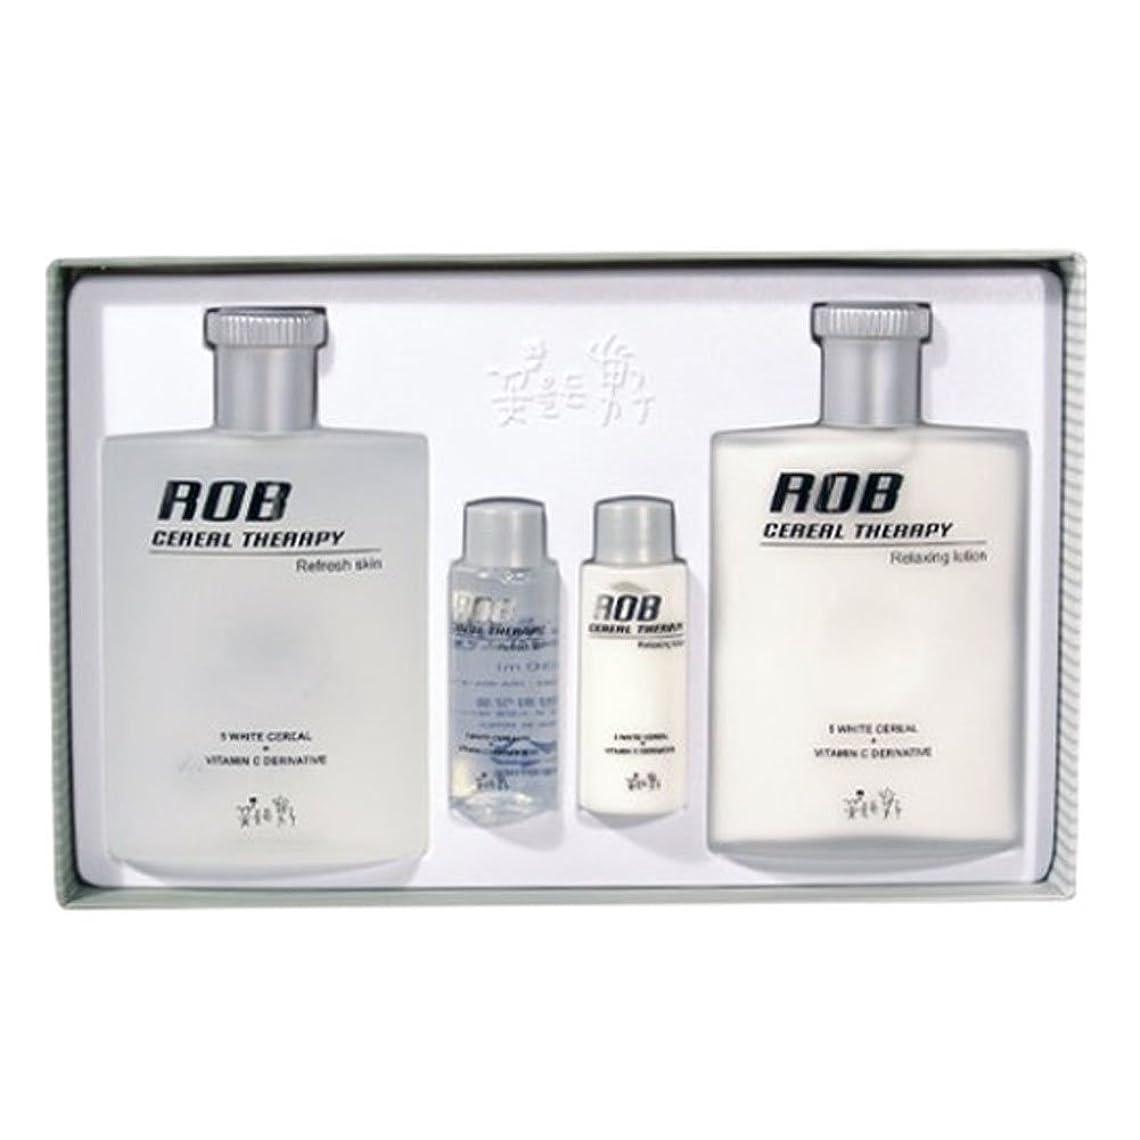 トイレキリストネコロブ?シリアルセラピースキン(160+30ml)ローション(160+30ml)、男性用化粧品、ROB Cereal Therapy Skin(160+30ml) Lotion(160+30ml) Men's Cosmetics [並行輸入品]